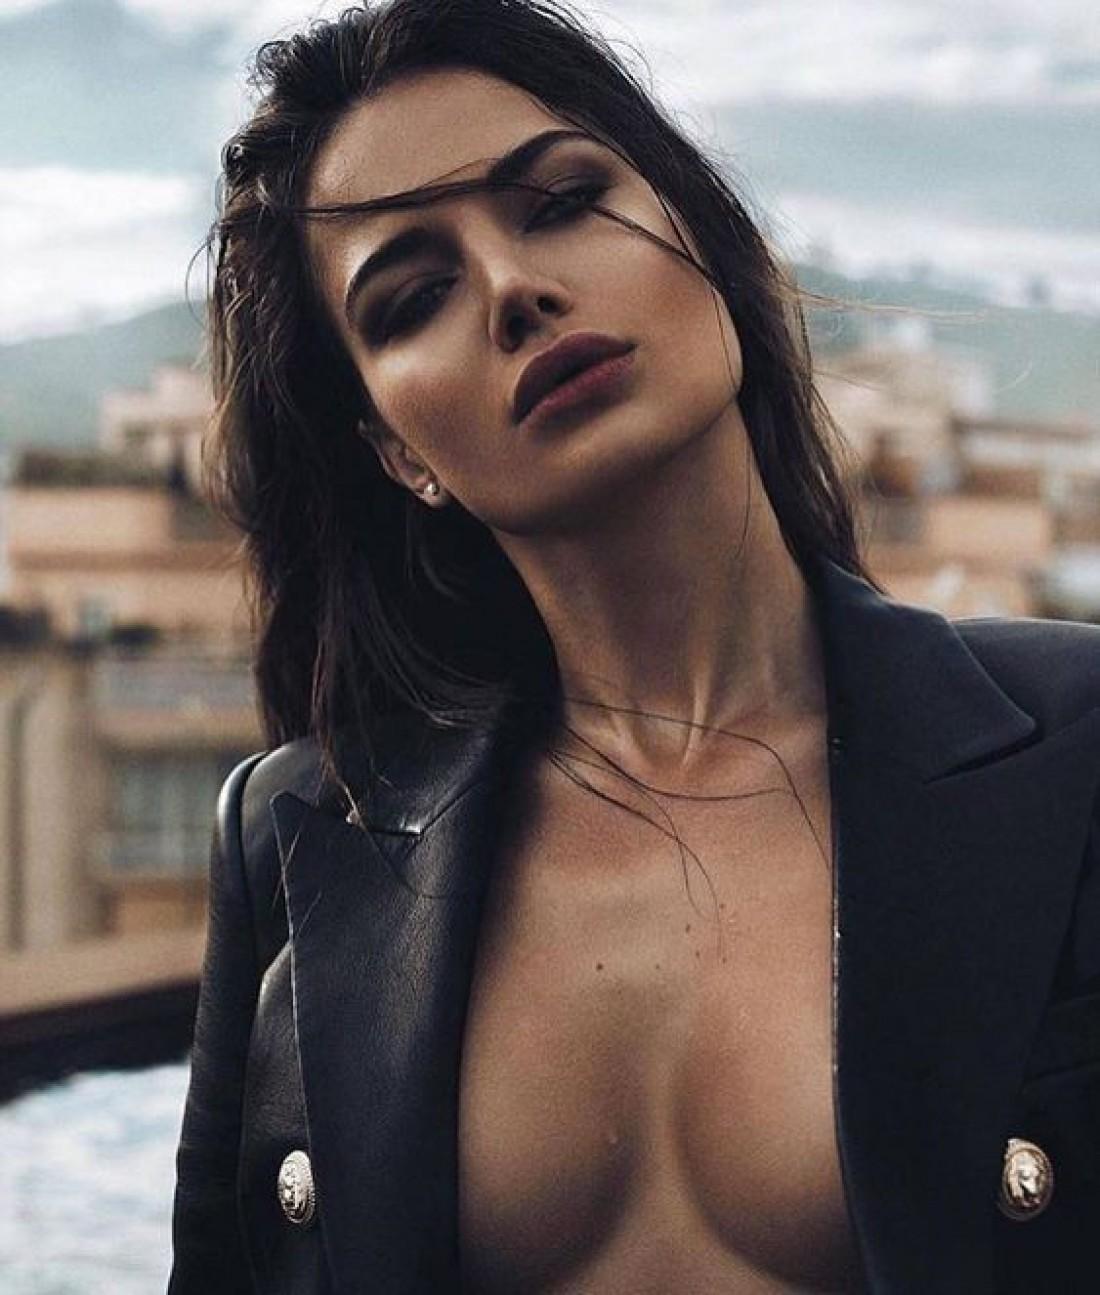 ТОП-8 секретов сексуальности француженок